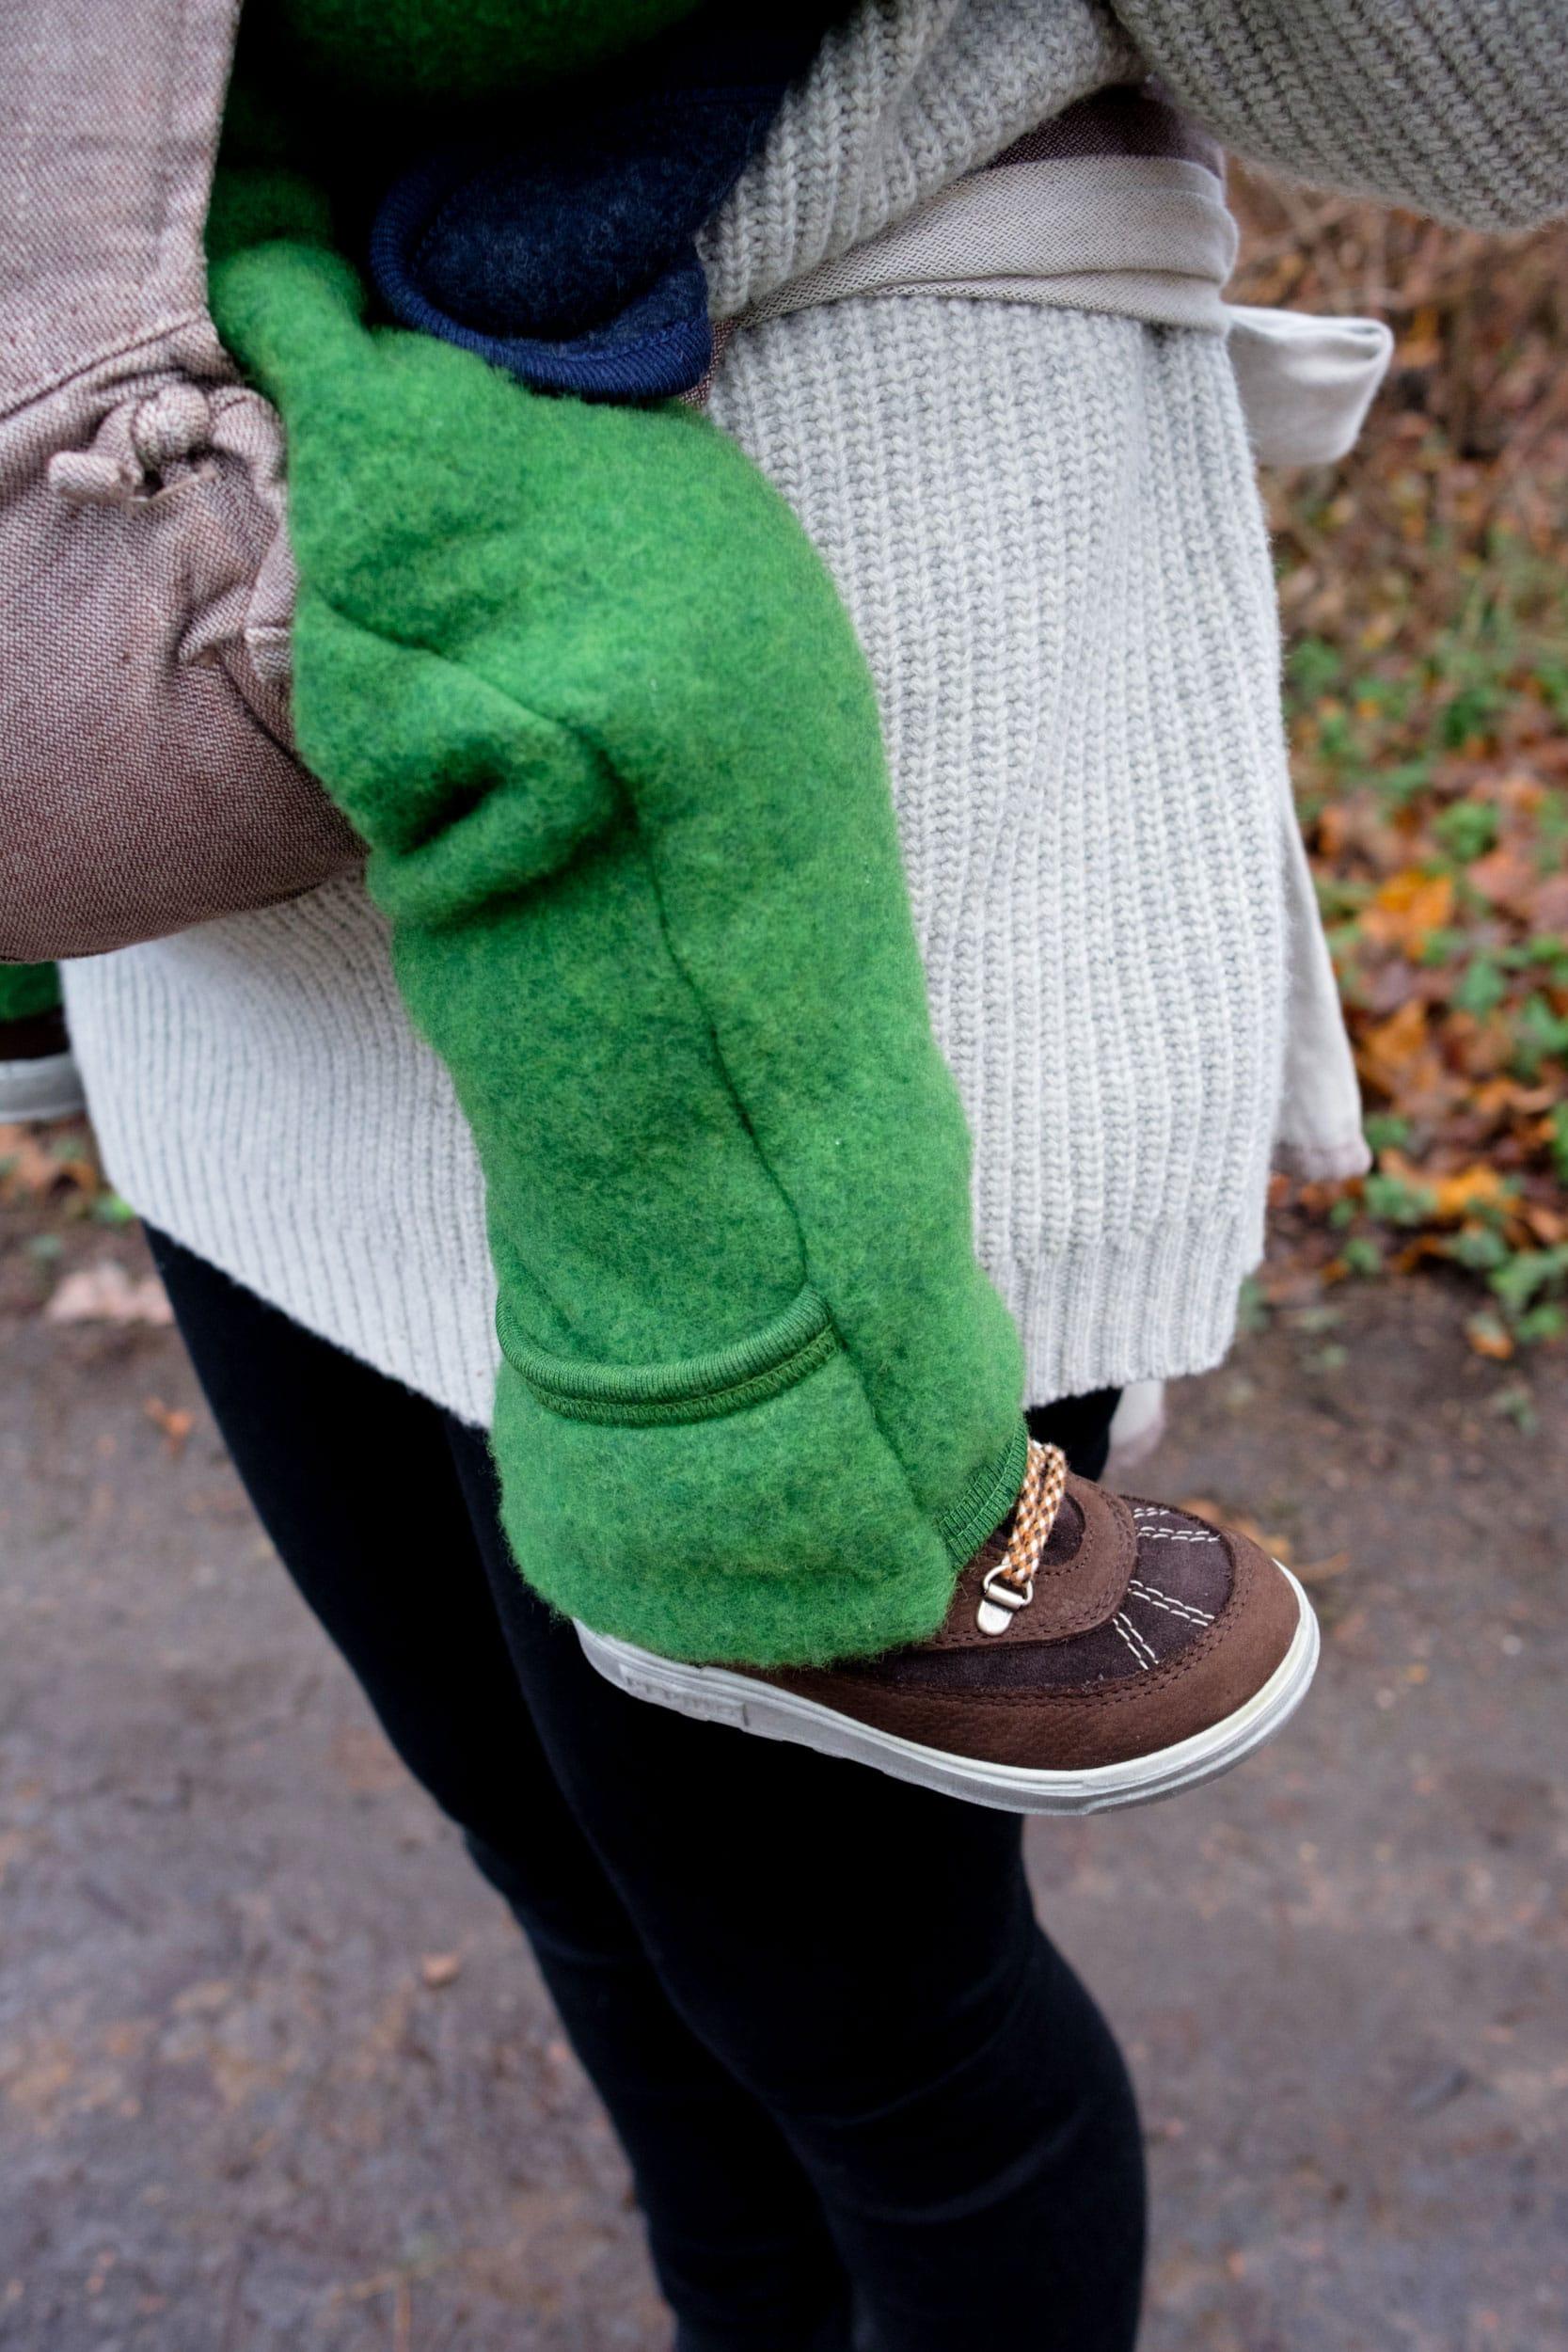 Was ziehe ich meinem Kleinkind im Winter an? | Kleine Kinder im Winter richtig anziehen | Winter Essentials | Baby | Kleinkind | Winterkleidung | Wollwalk | Wollfleece | Walkoverall | Tragekind | Kinder im Winter tragen | Warme Kleidung | ivy.li